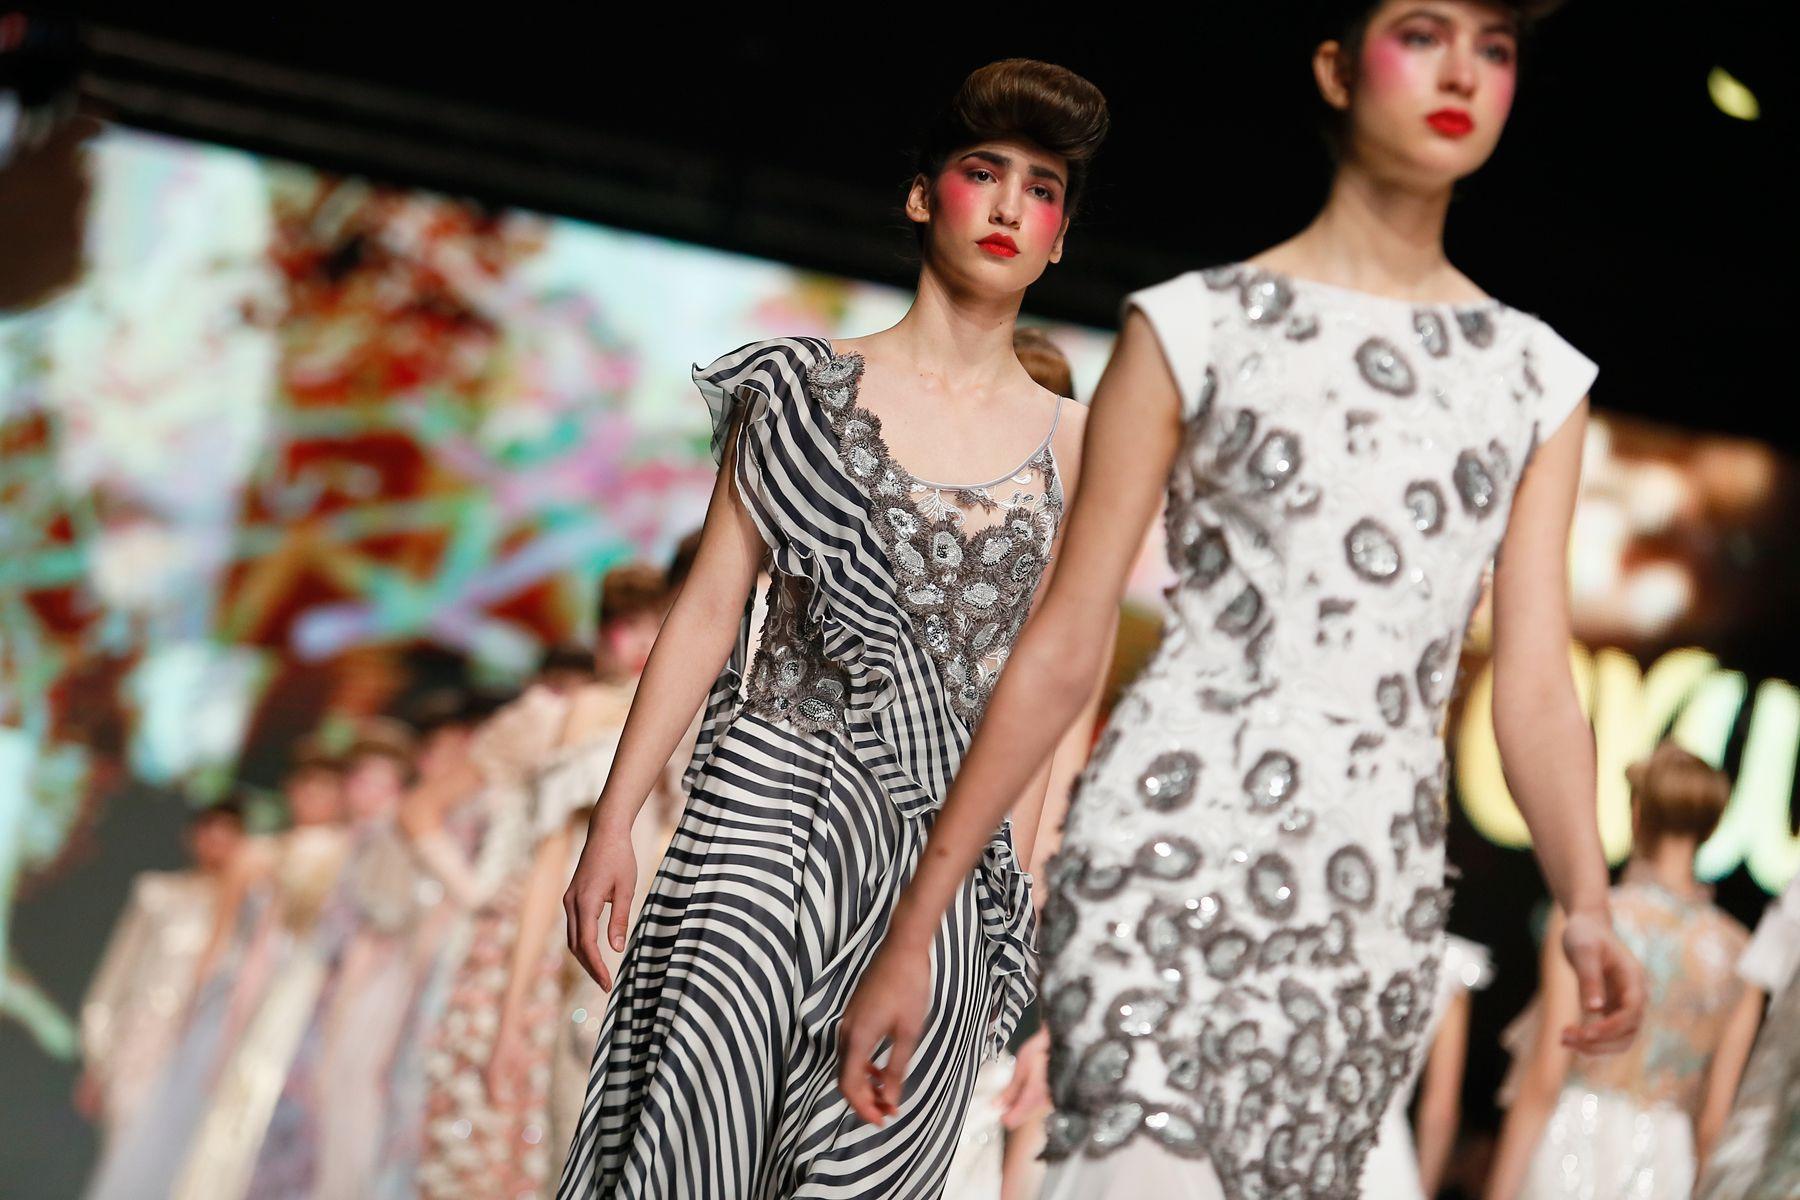 Novom vizijom ikone stila Ivica Skoko briljirao  na pisti BIPA FASHION.HR-a